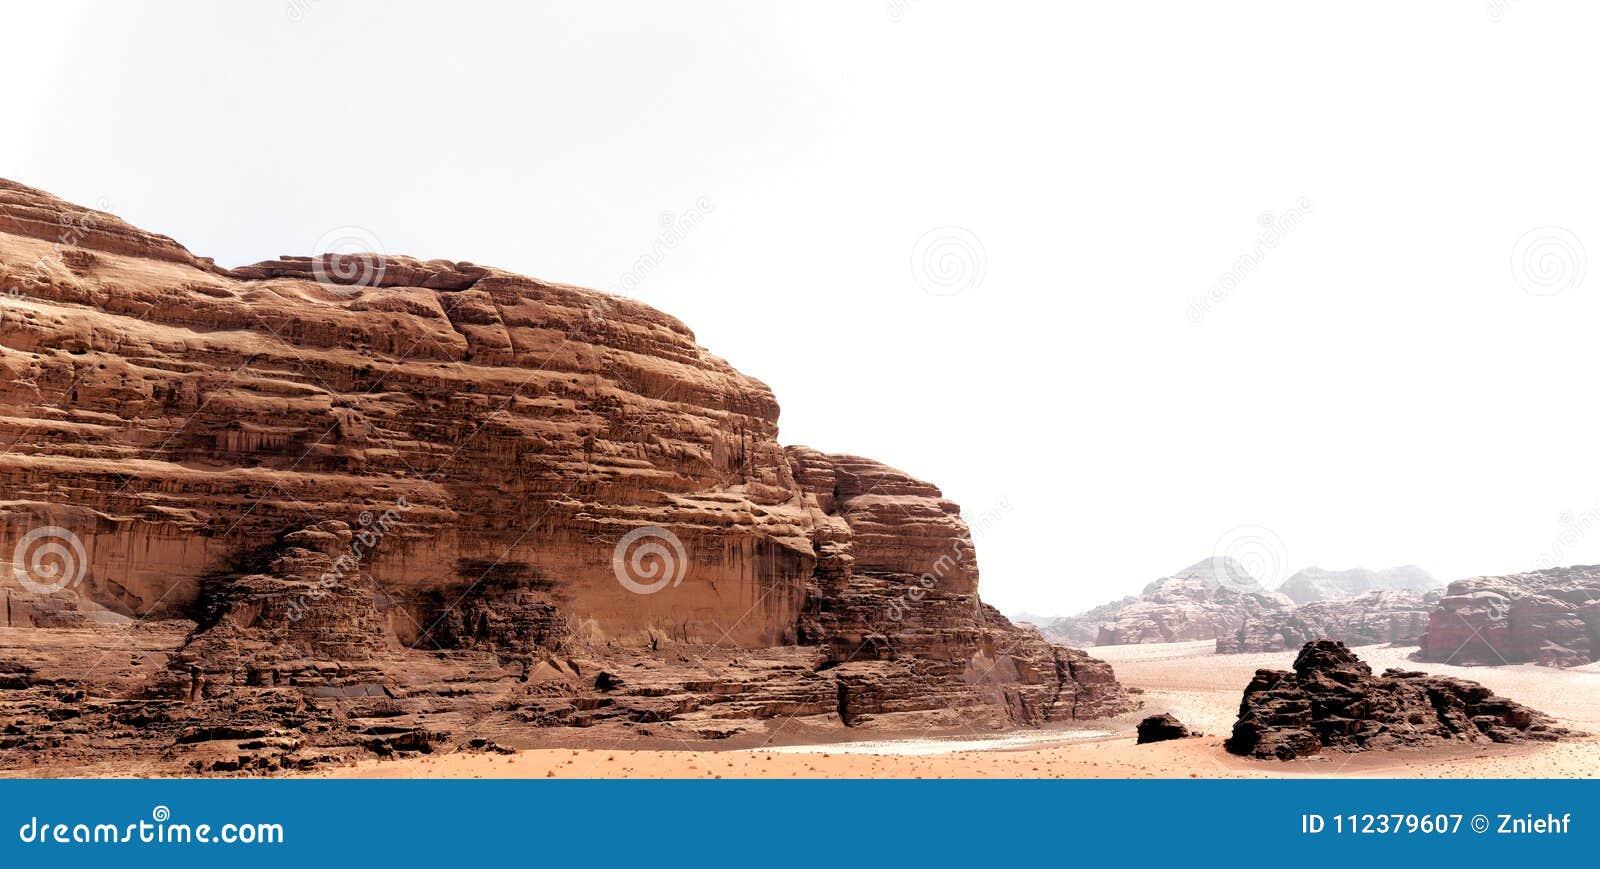 Vue panoramique du paysage rocheux puissant dans le désert de Wadi Rum, Jordanie